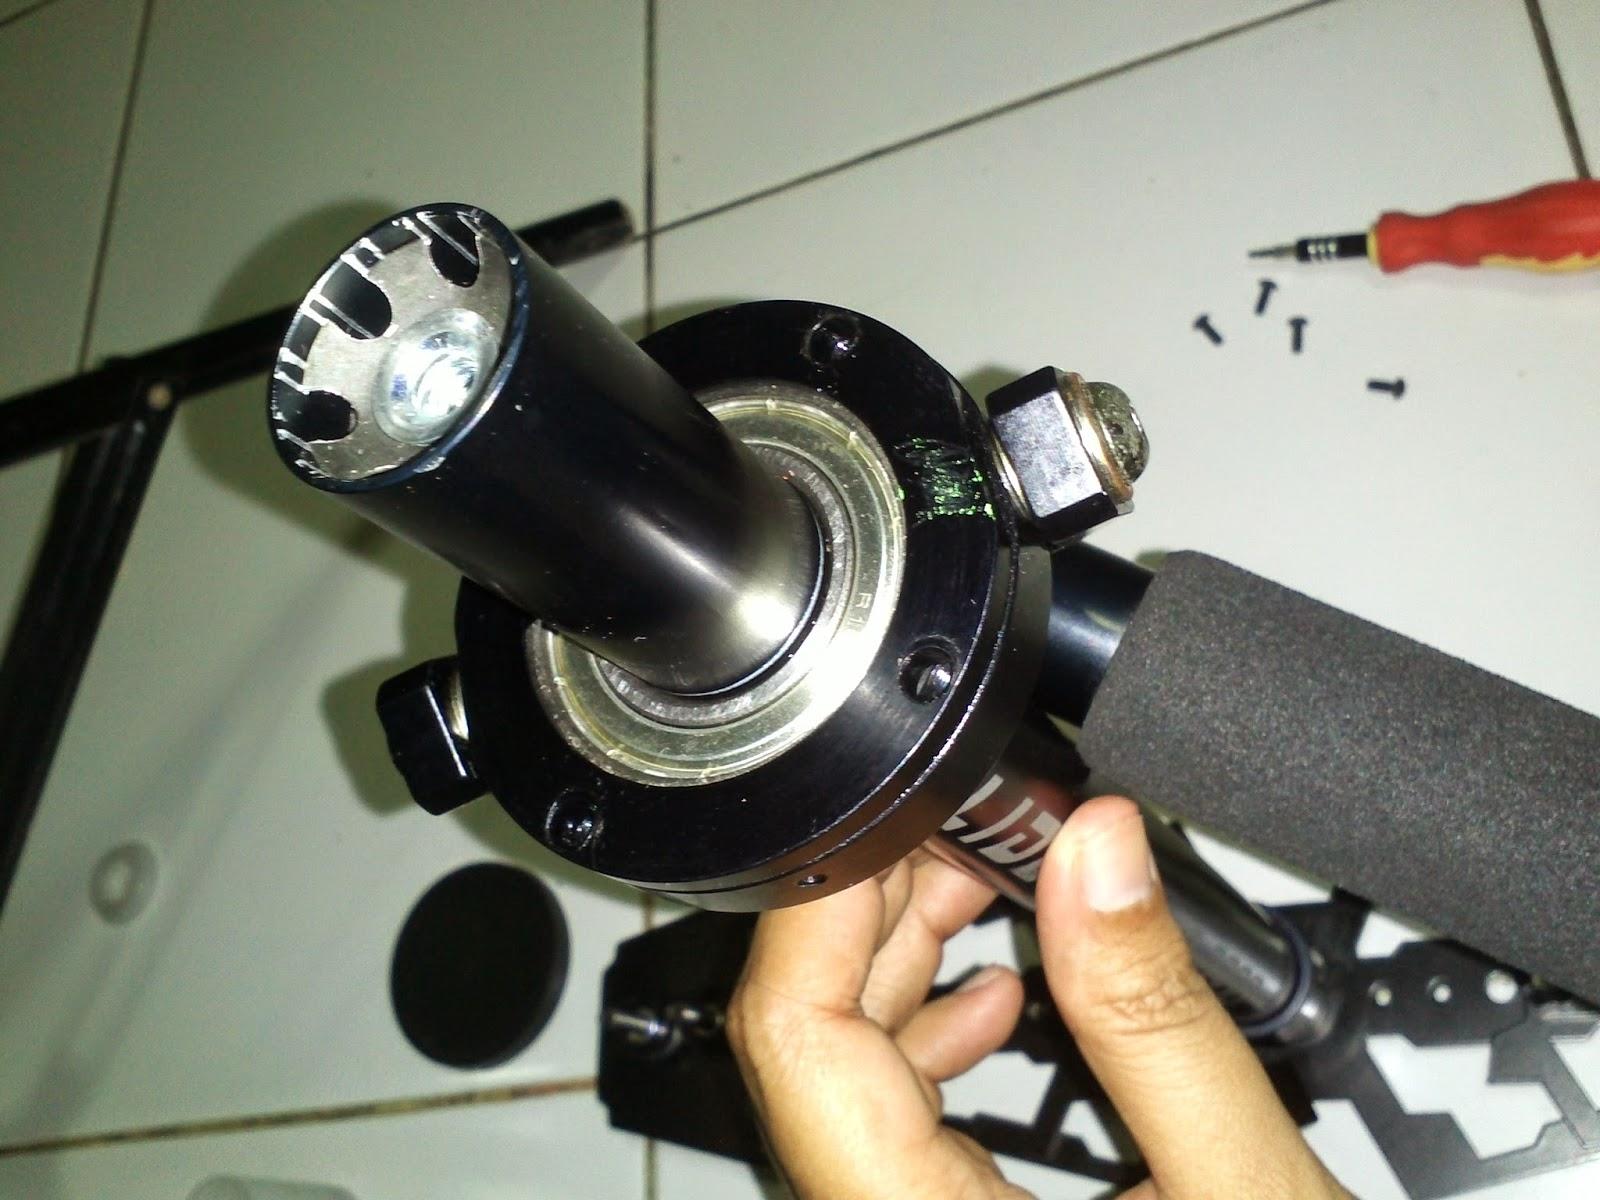 Nah ini penampakan bearing laher pada glidecam kelebihannya Glidecam dibanding Merek lainnya adalah adanya 4 mur untuk fine tuning pada gimbal